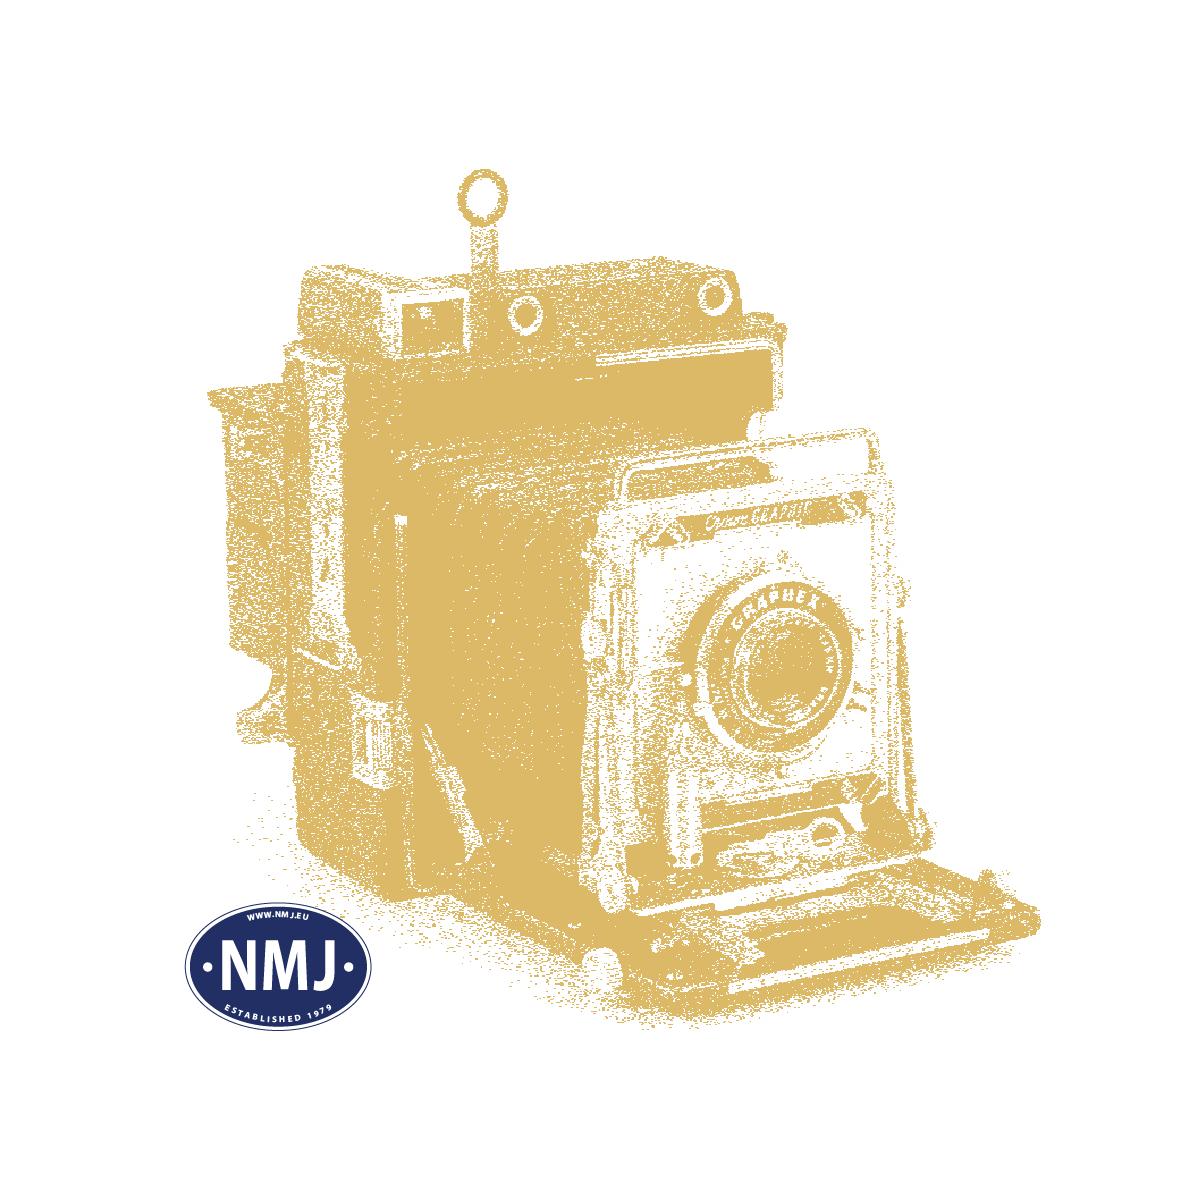 NMJT90580 - TMY 101-102 Sorte Sidegittere